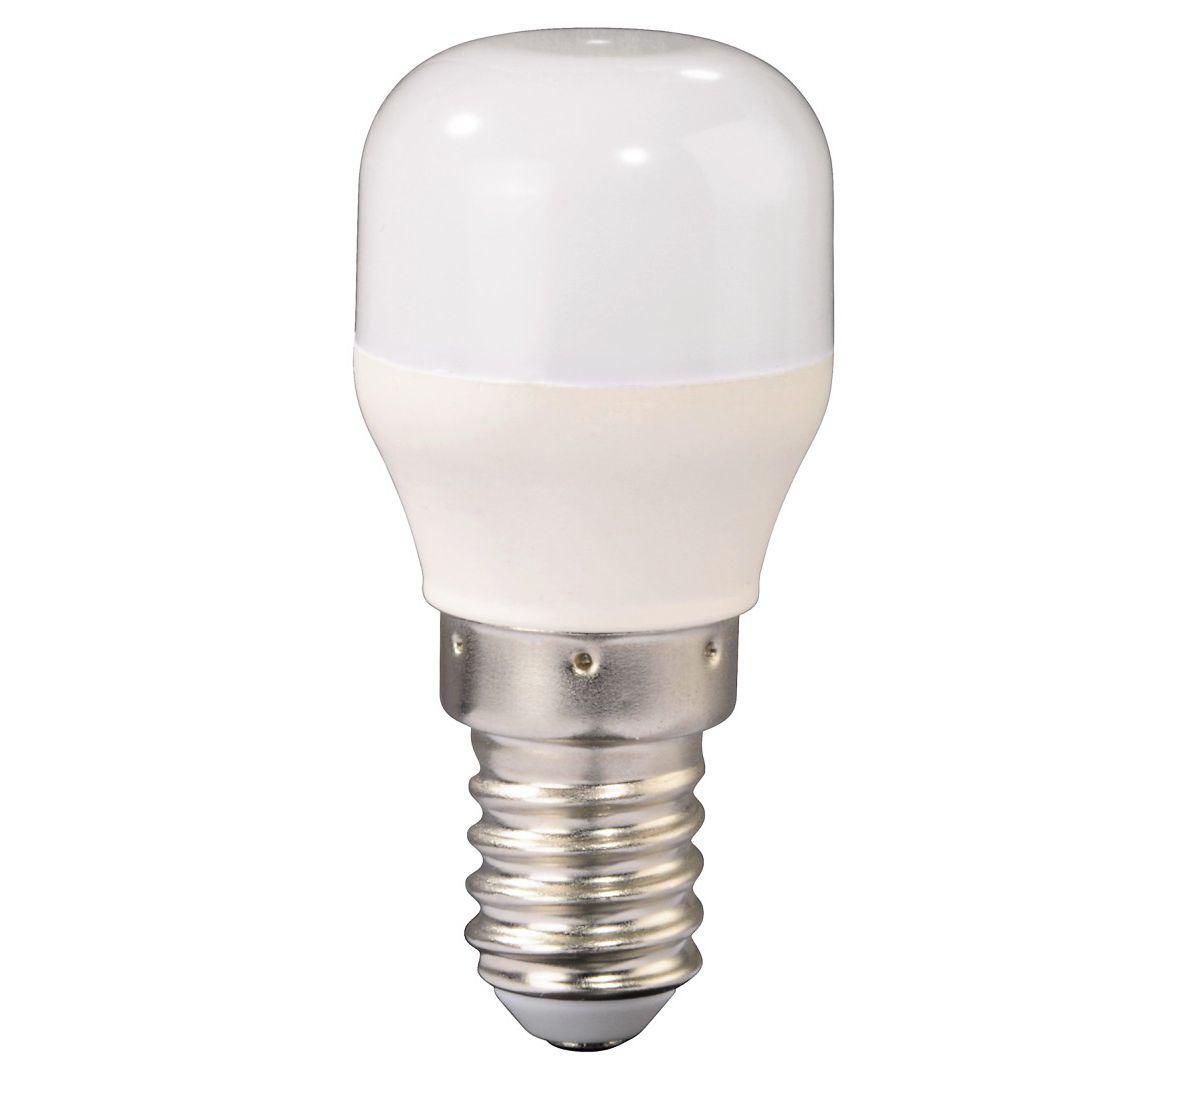 Xavax LED-Lampe, E14, 160lm ersetzt 17W Birnche...